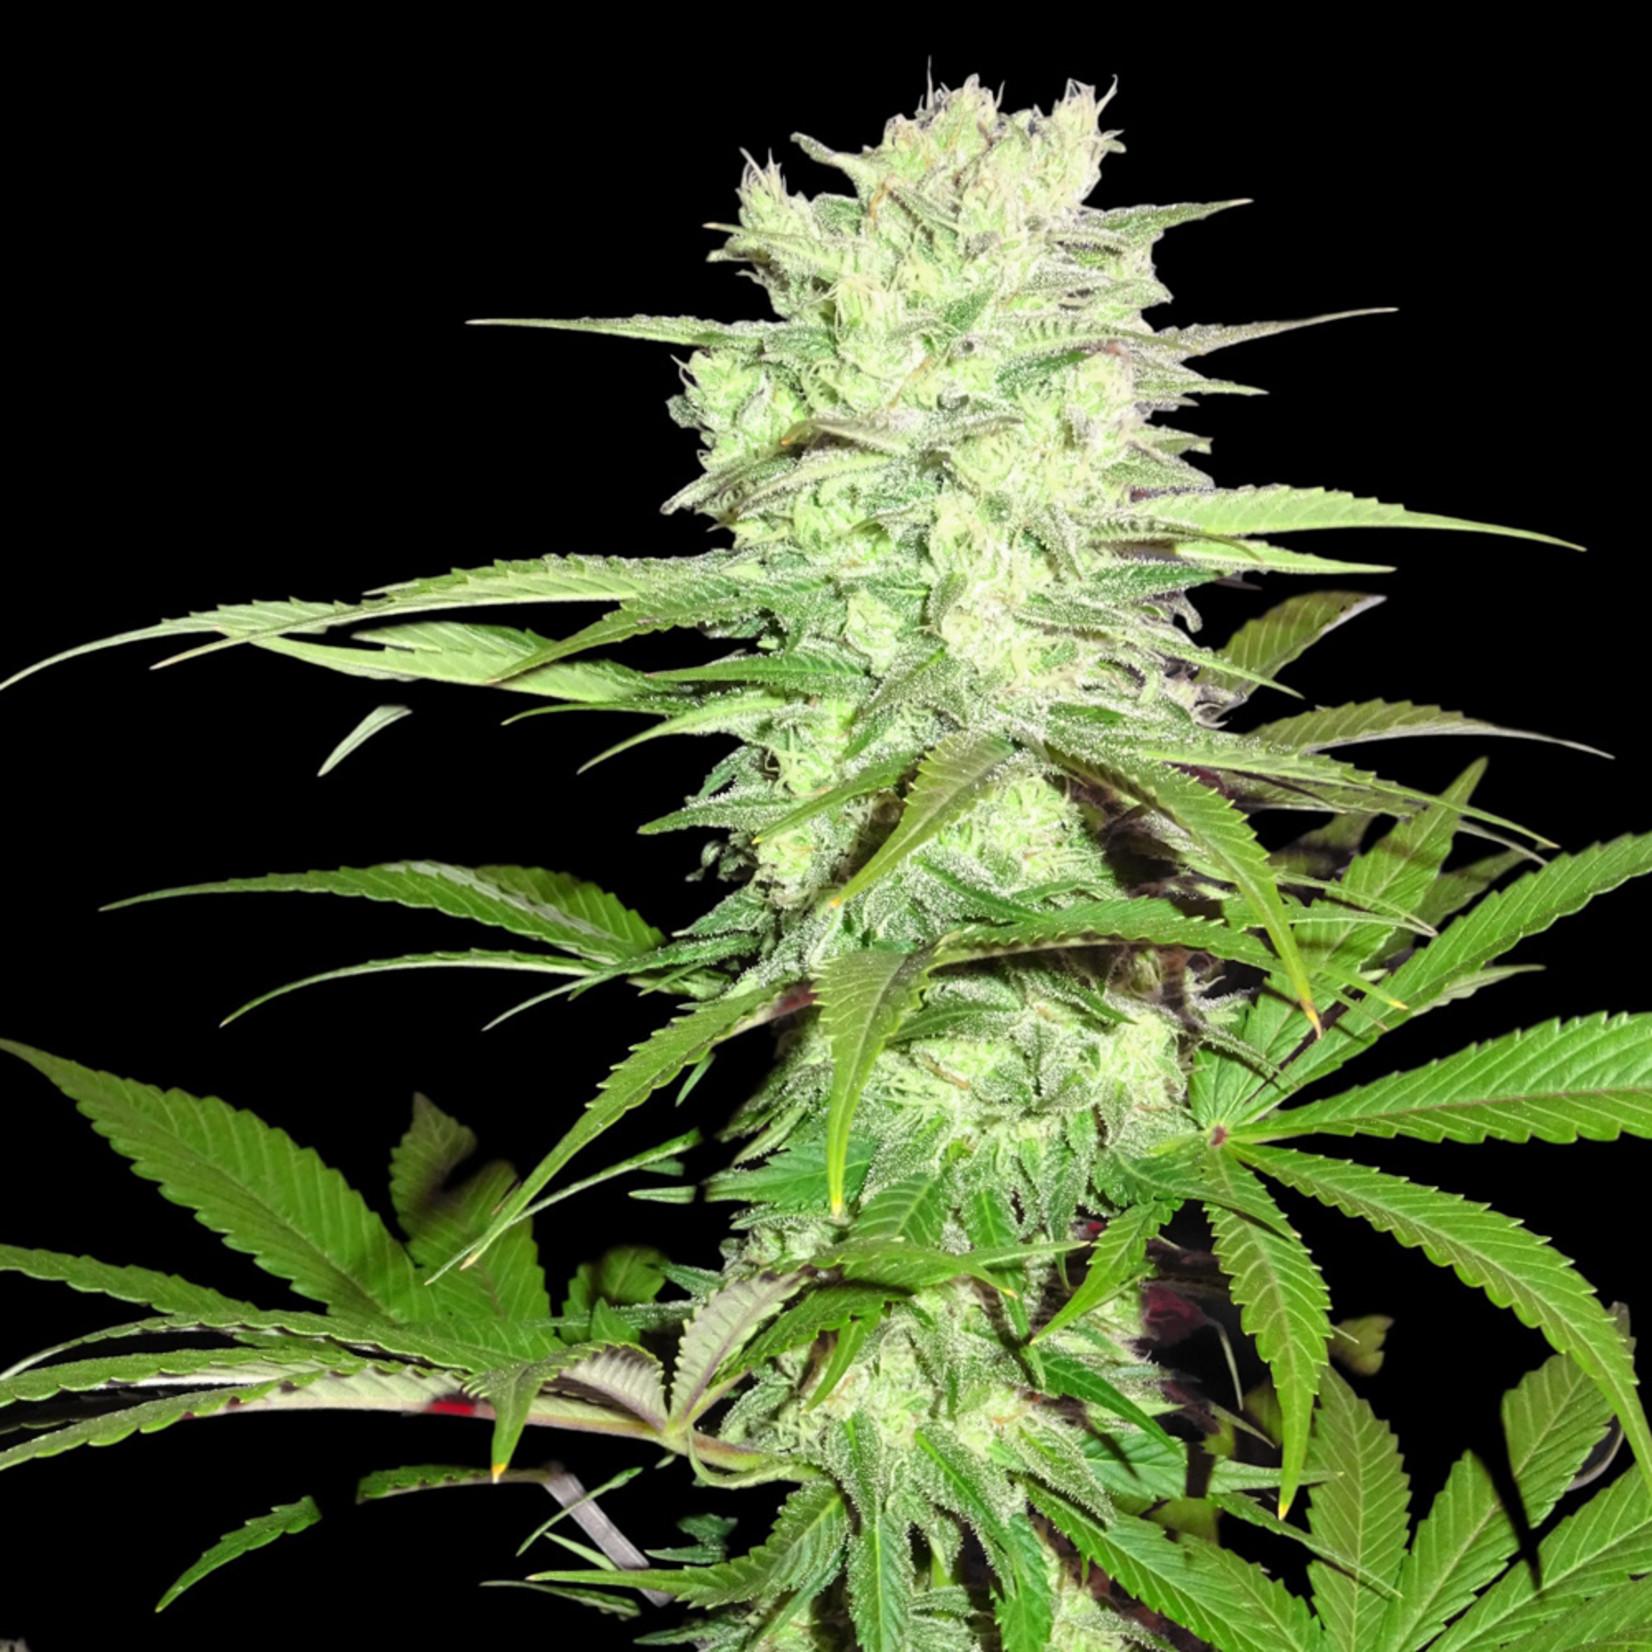 Thunderstruck cannabis seeds